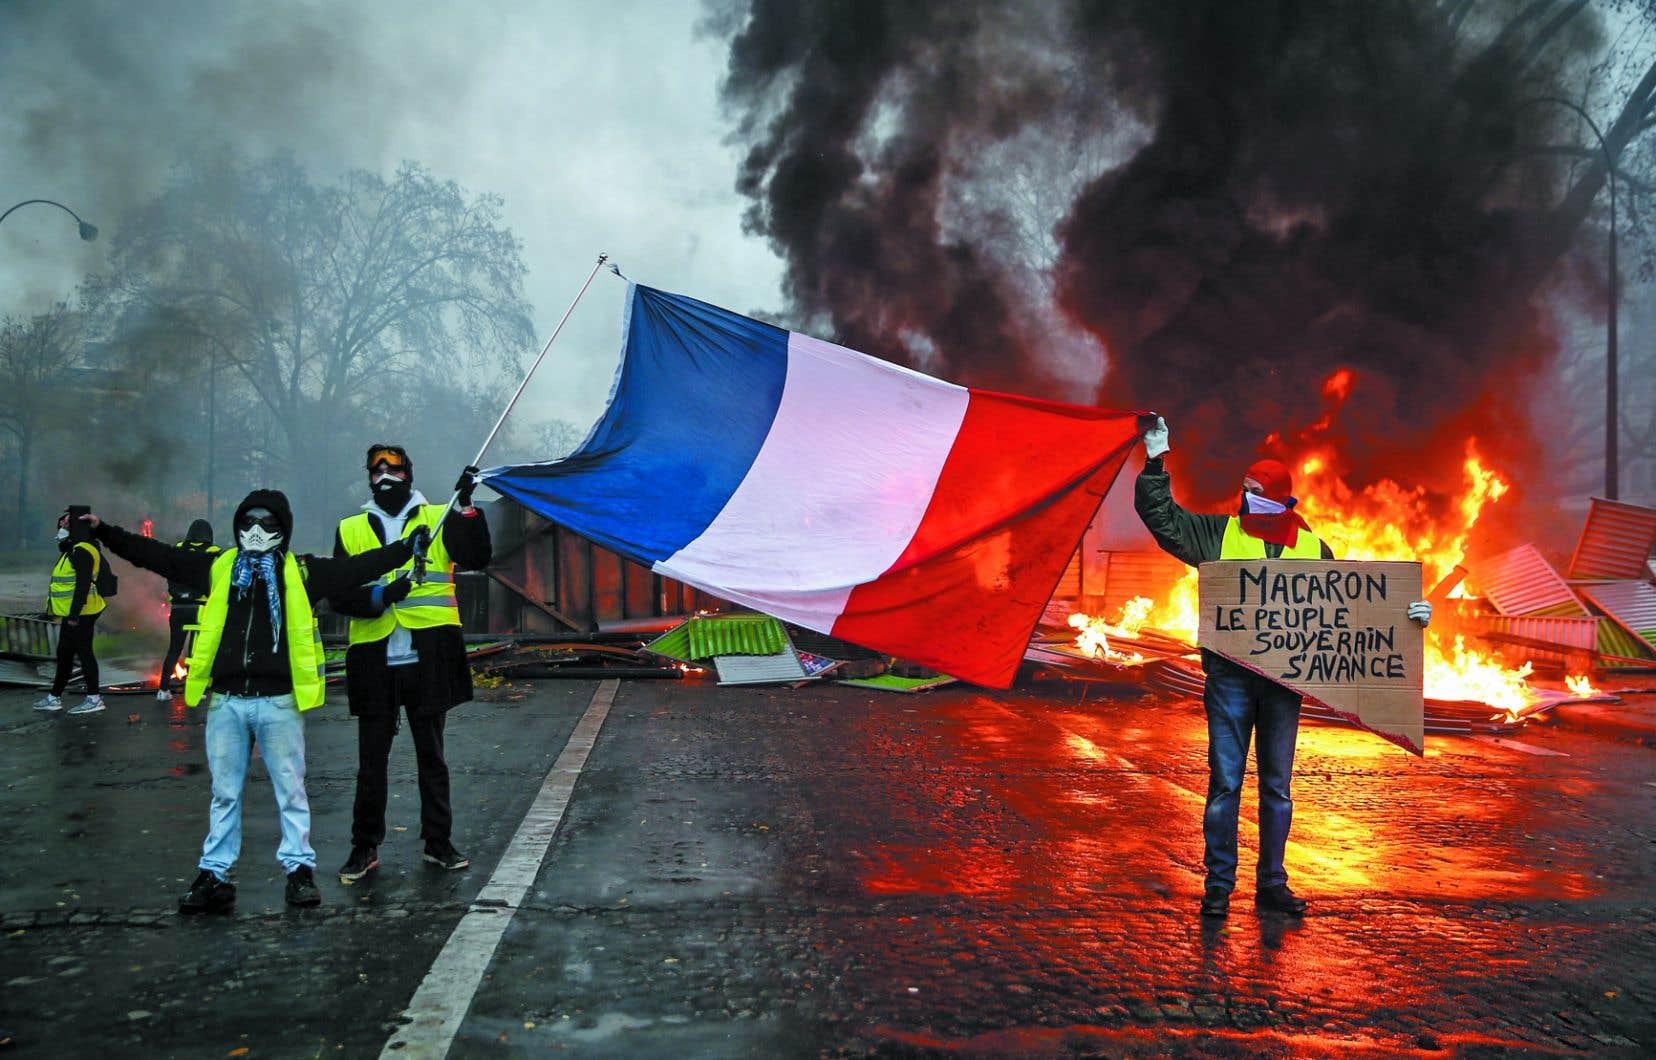 Des manifestants arborent un drapeau français près d'une barricade en feu durant le rassemblement national des gilets jaunes le 1erdécembre, près de Paris. Les annonces du gouvernement mardi n'ont pas calmé la révolte.